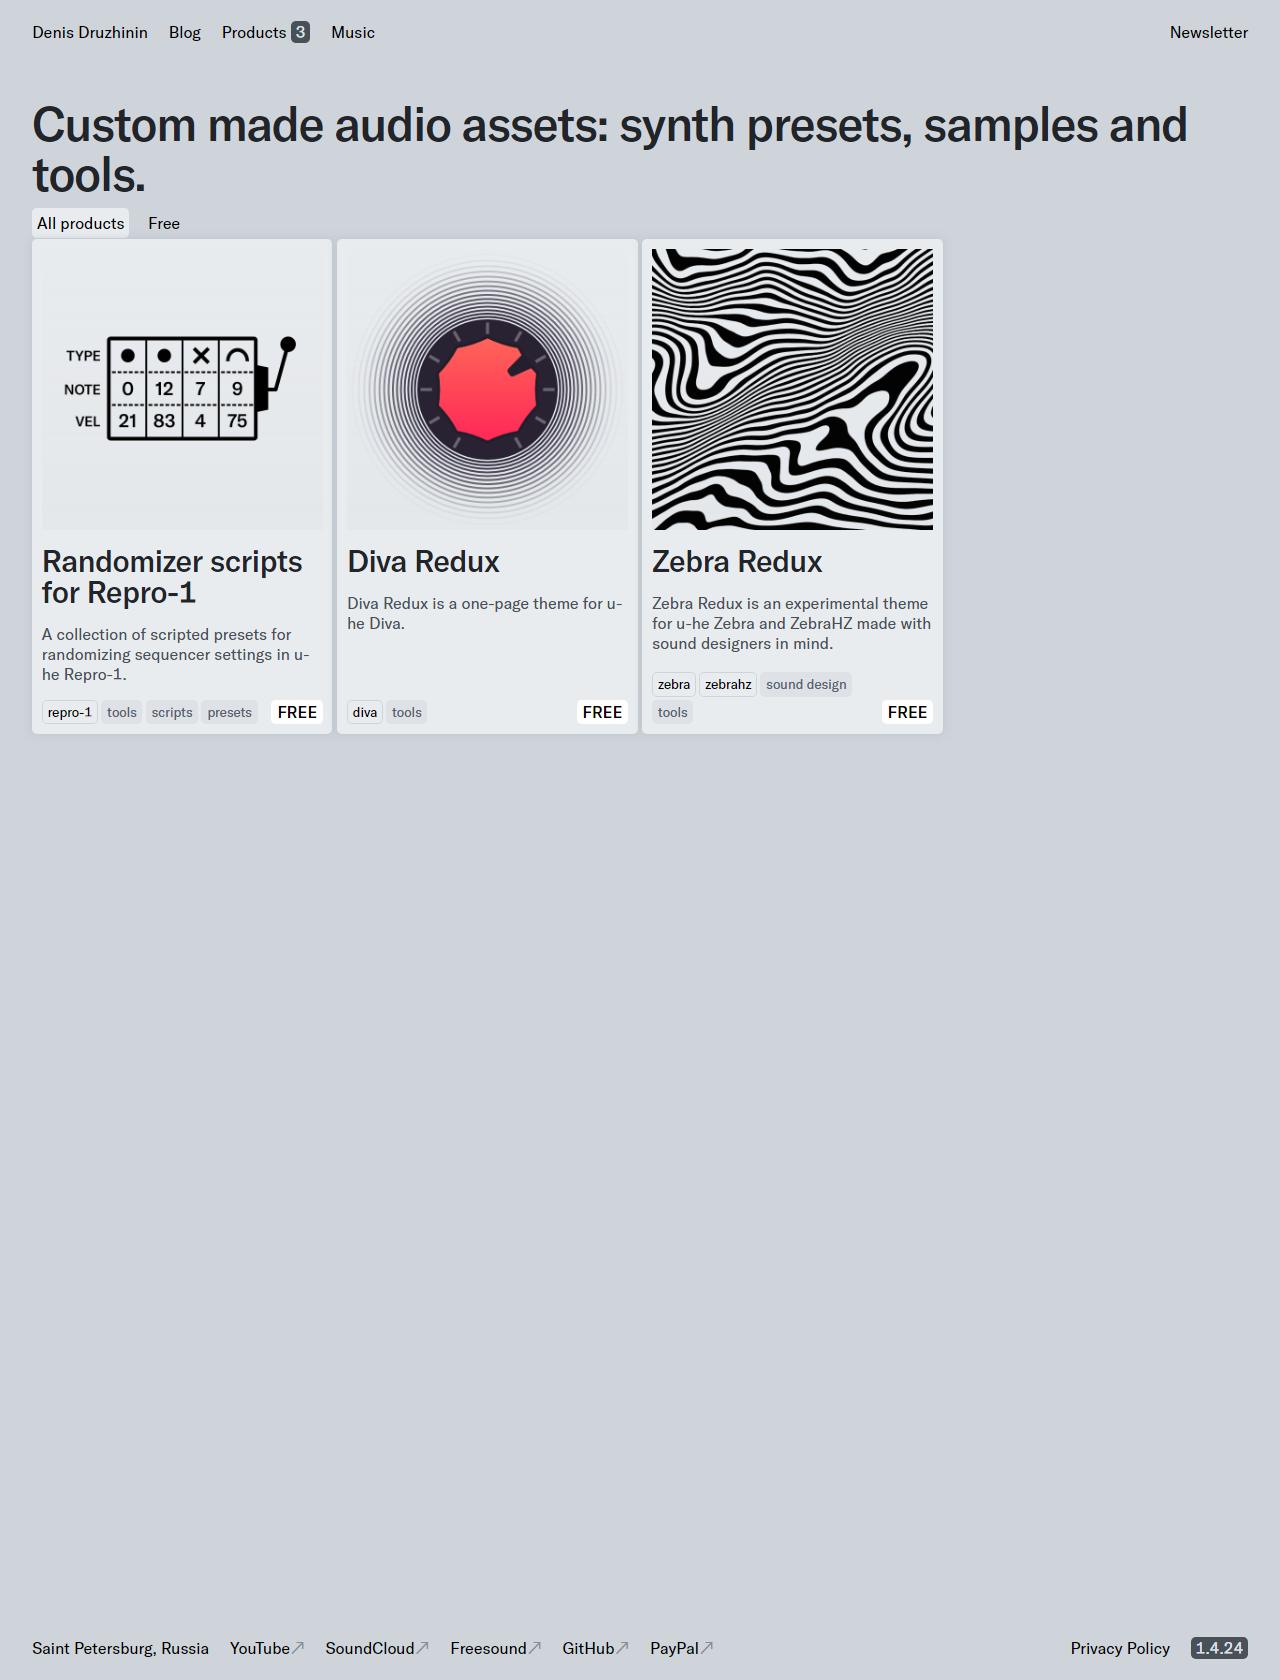 Screenshot Desktop - https://drzhnn.com/products/